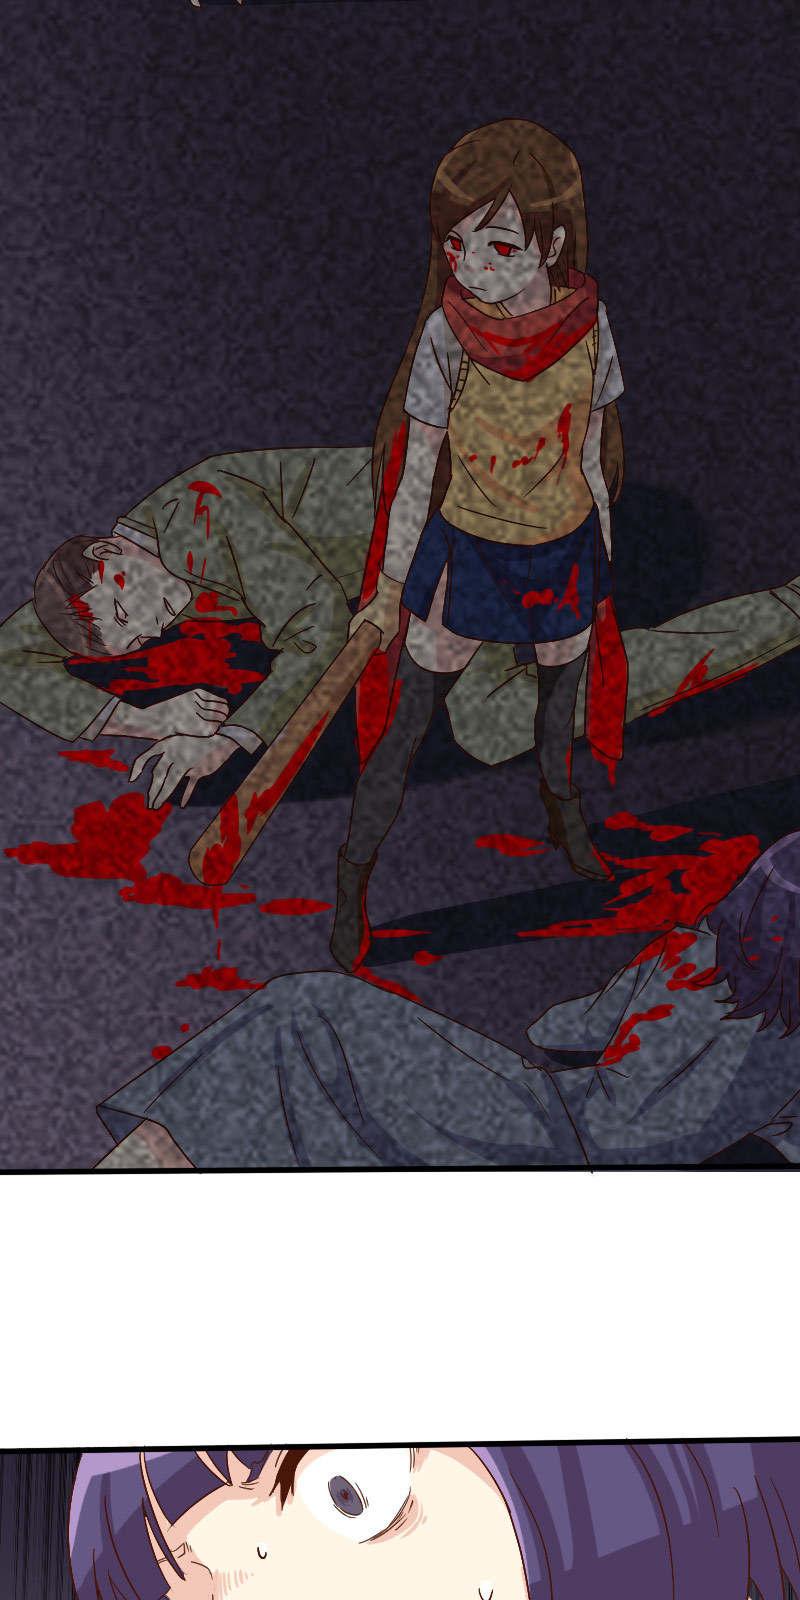 我在月老家打工第7话  杀人凶手 第 16